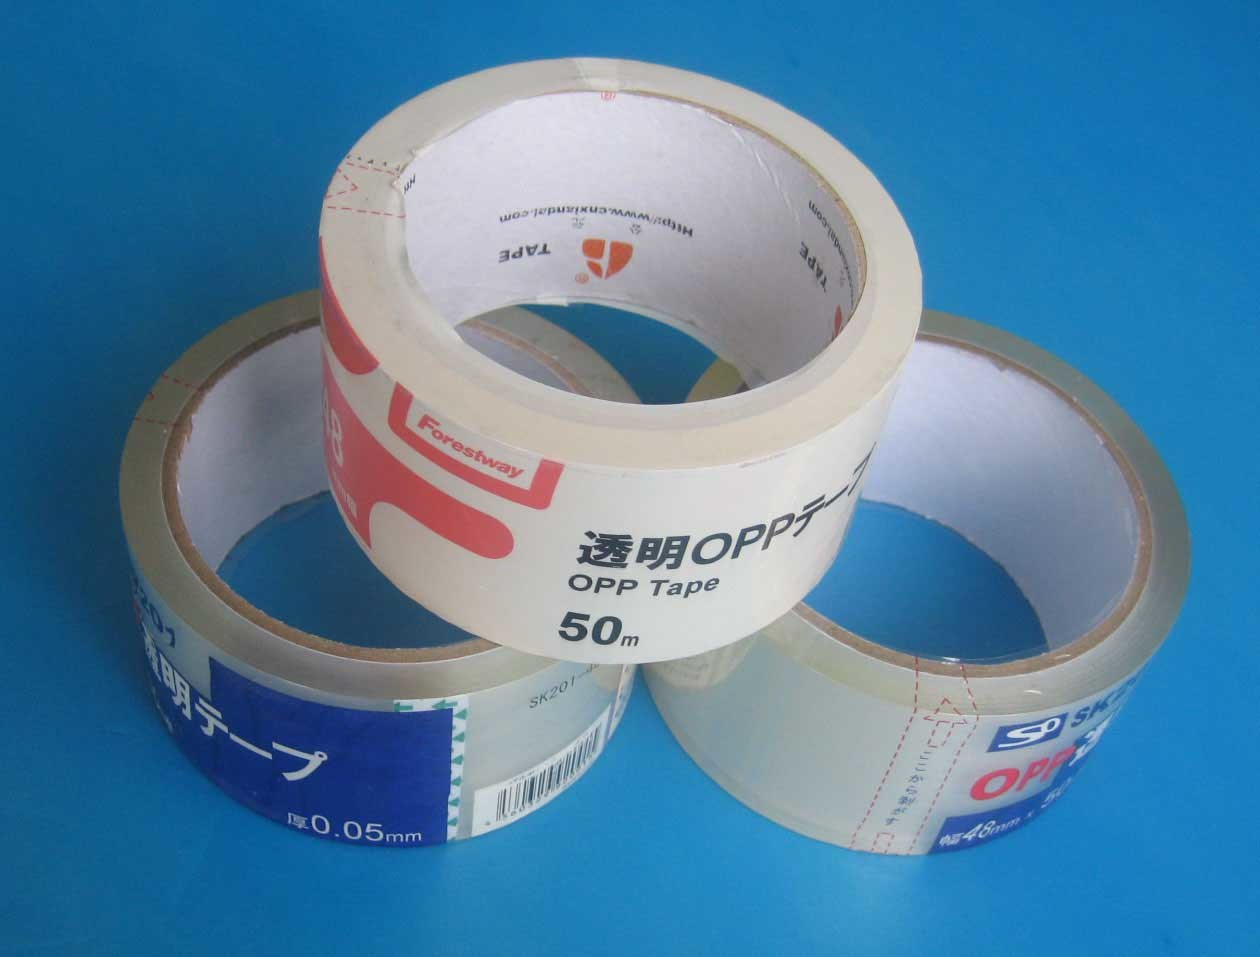 Super cinta transparente (KR4850)